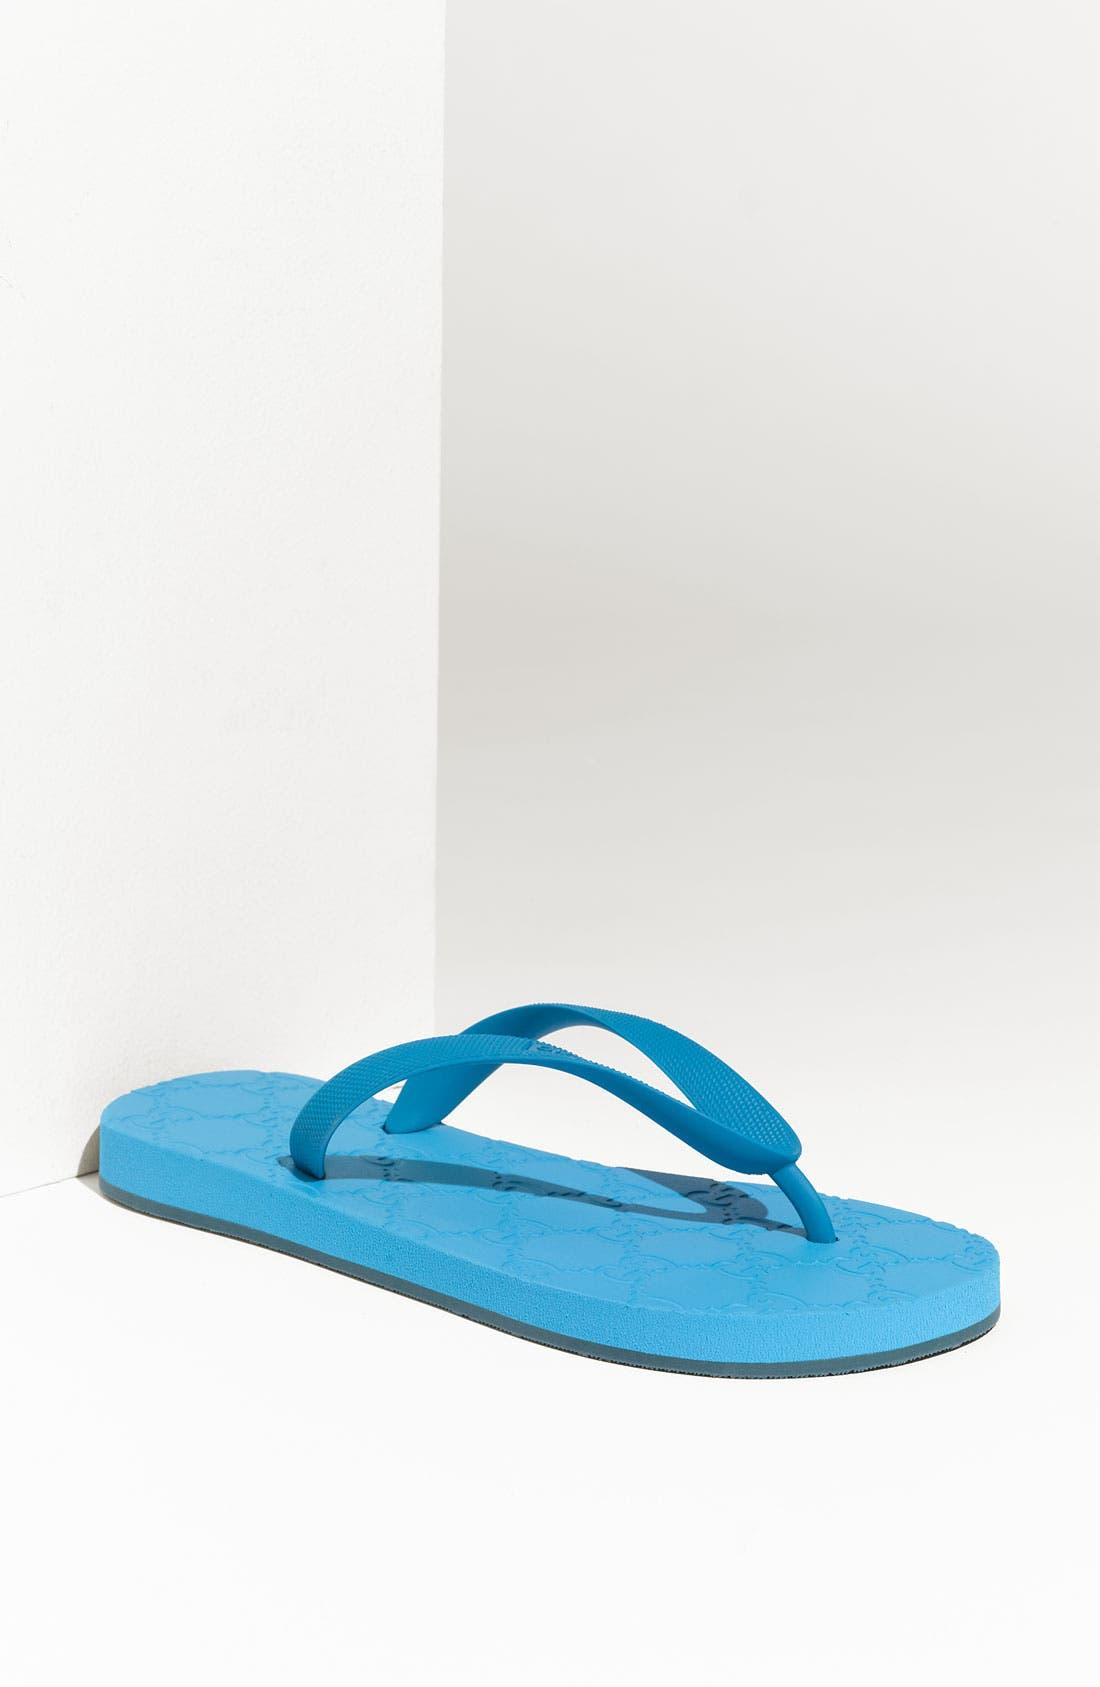 Alternate Image 1 Selected - Gucci 'Beldam' Sandal